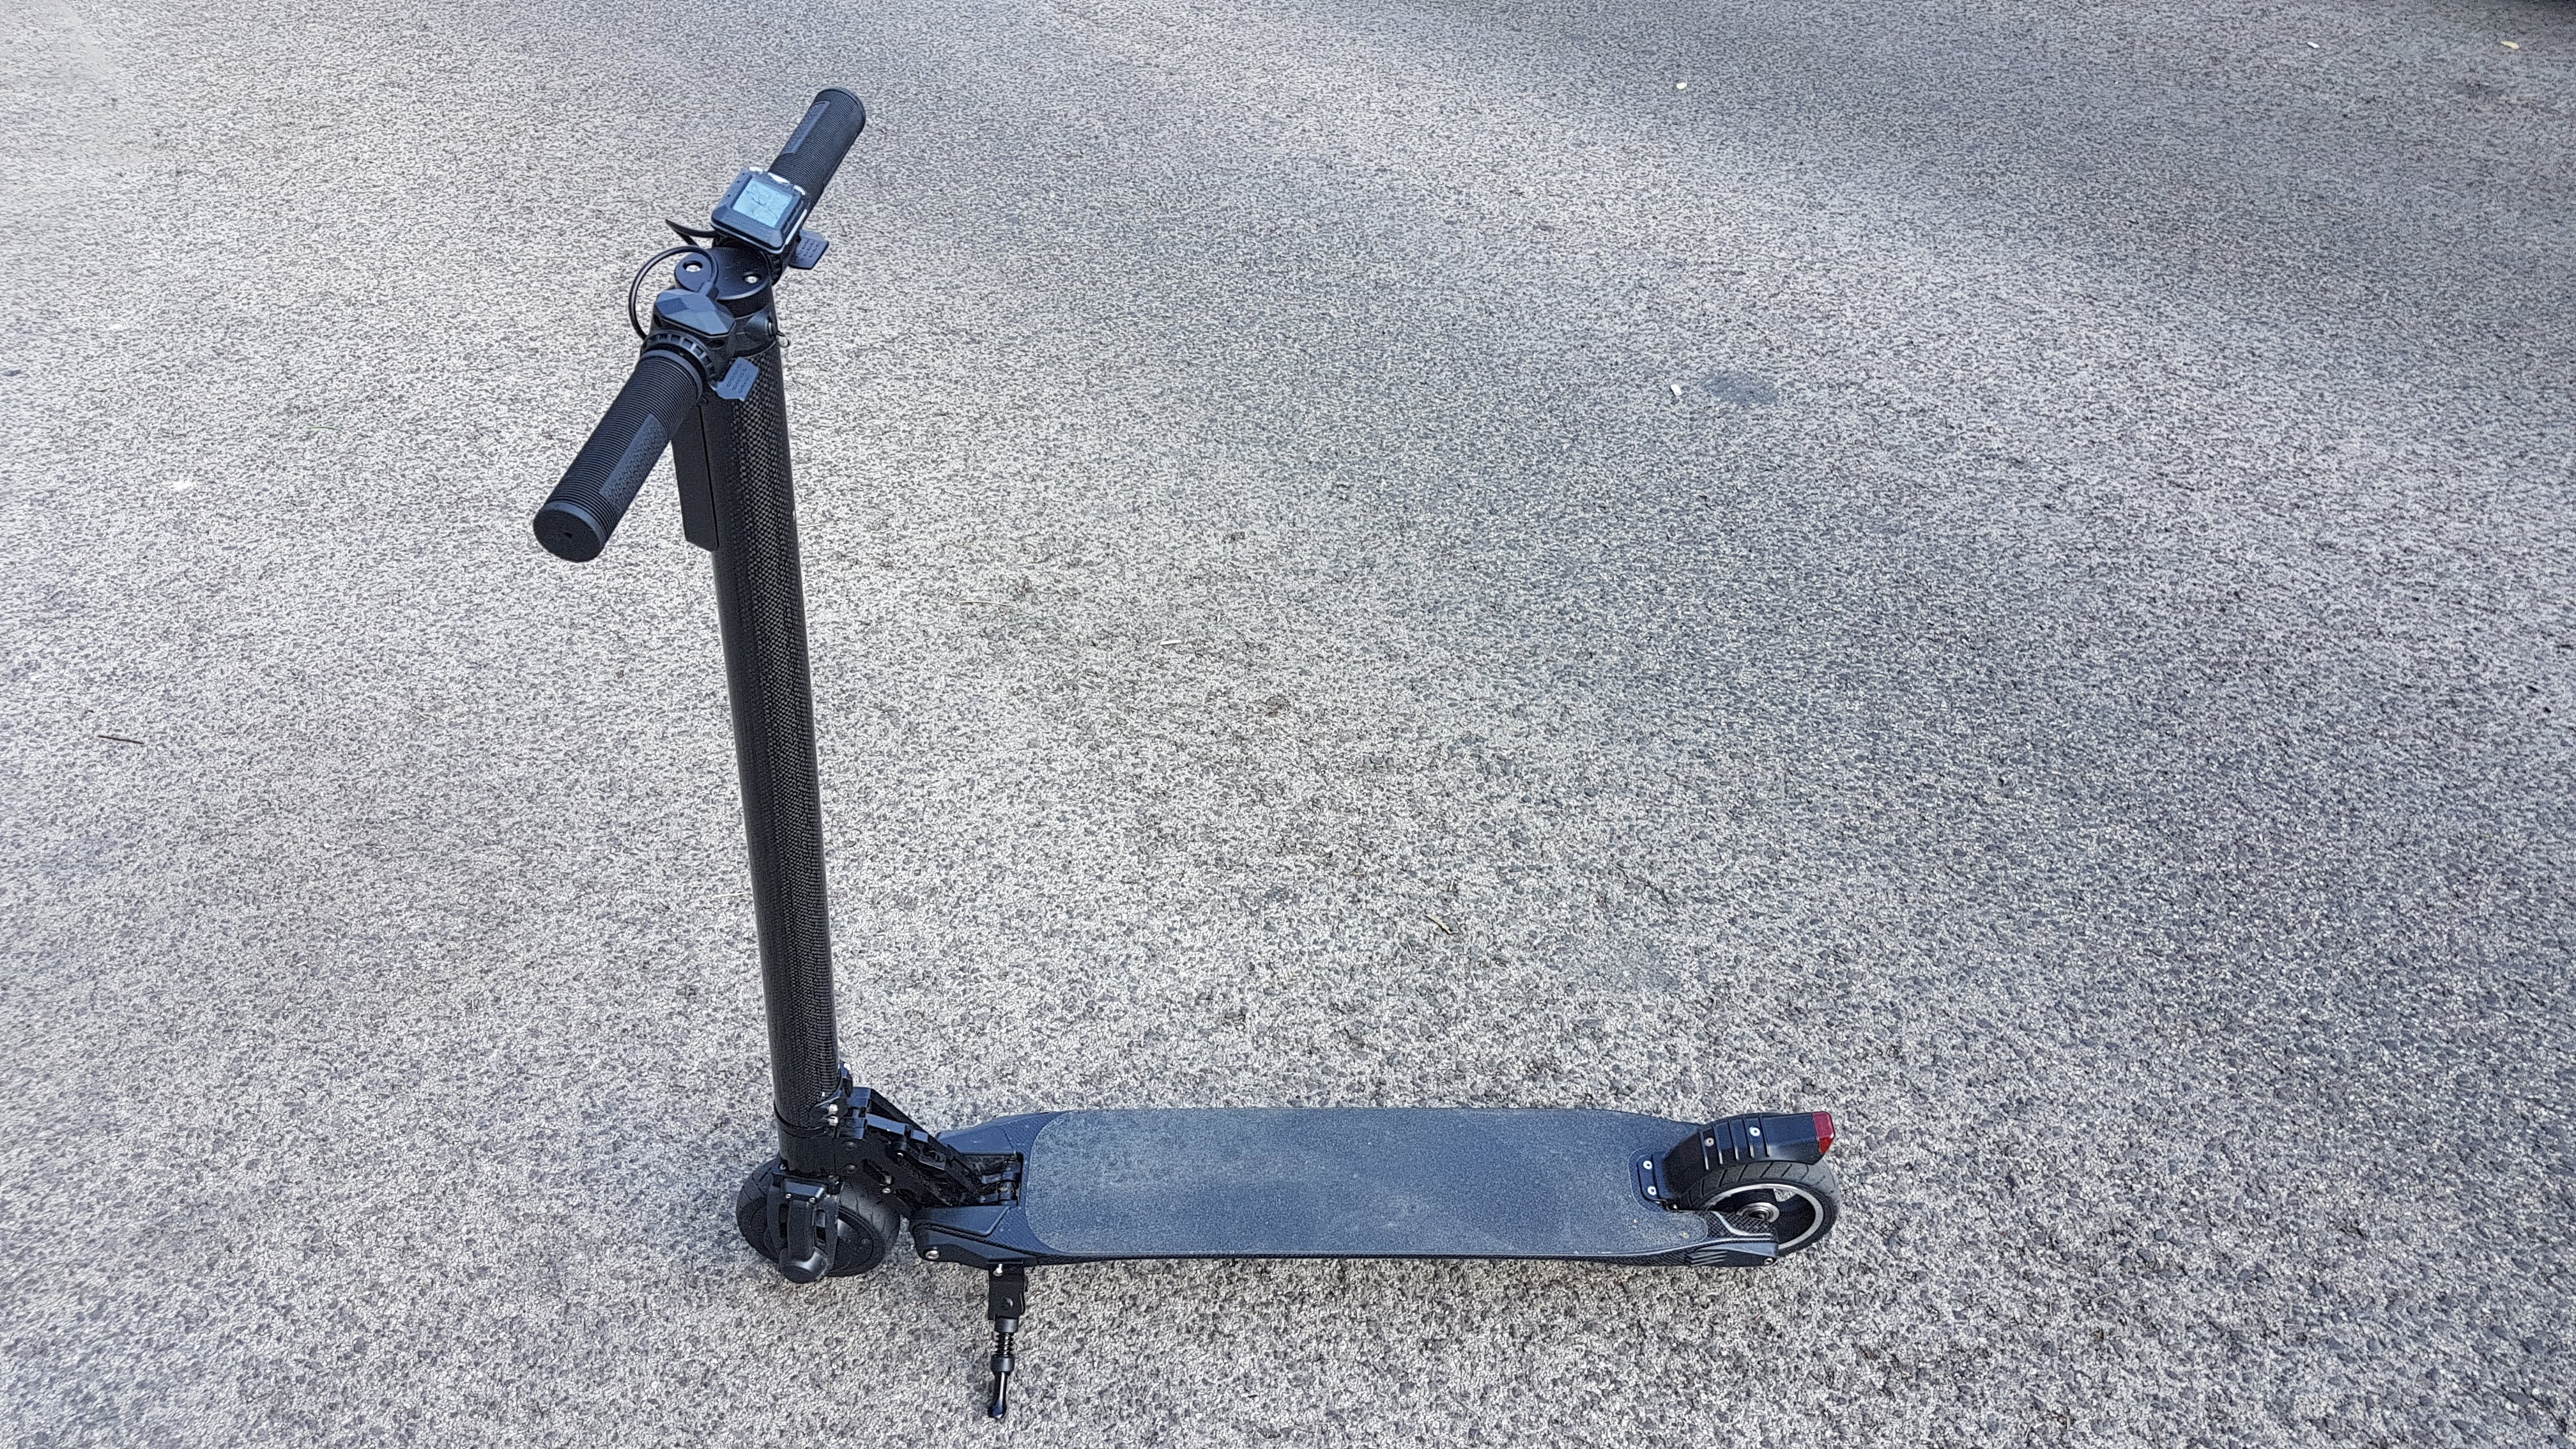 carbon-fiber-a-hordozhato-elektromos-roller-teszt-osszecsukhato-6600mAh-akkumulator-akksi-5.5-colos-kerek-01